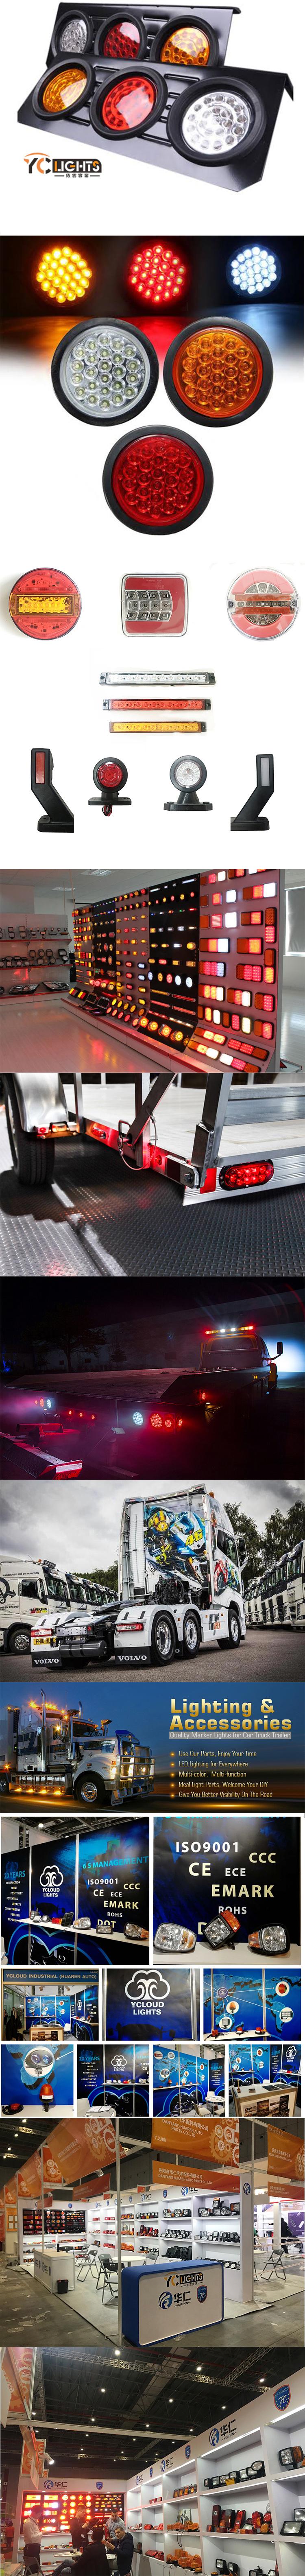 16 leds 12v 36v 24 v 24 volts man stop stroboscope tête ronde arrière côté marqueur queue led camion lumière pour 2020 accessoires cab car